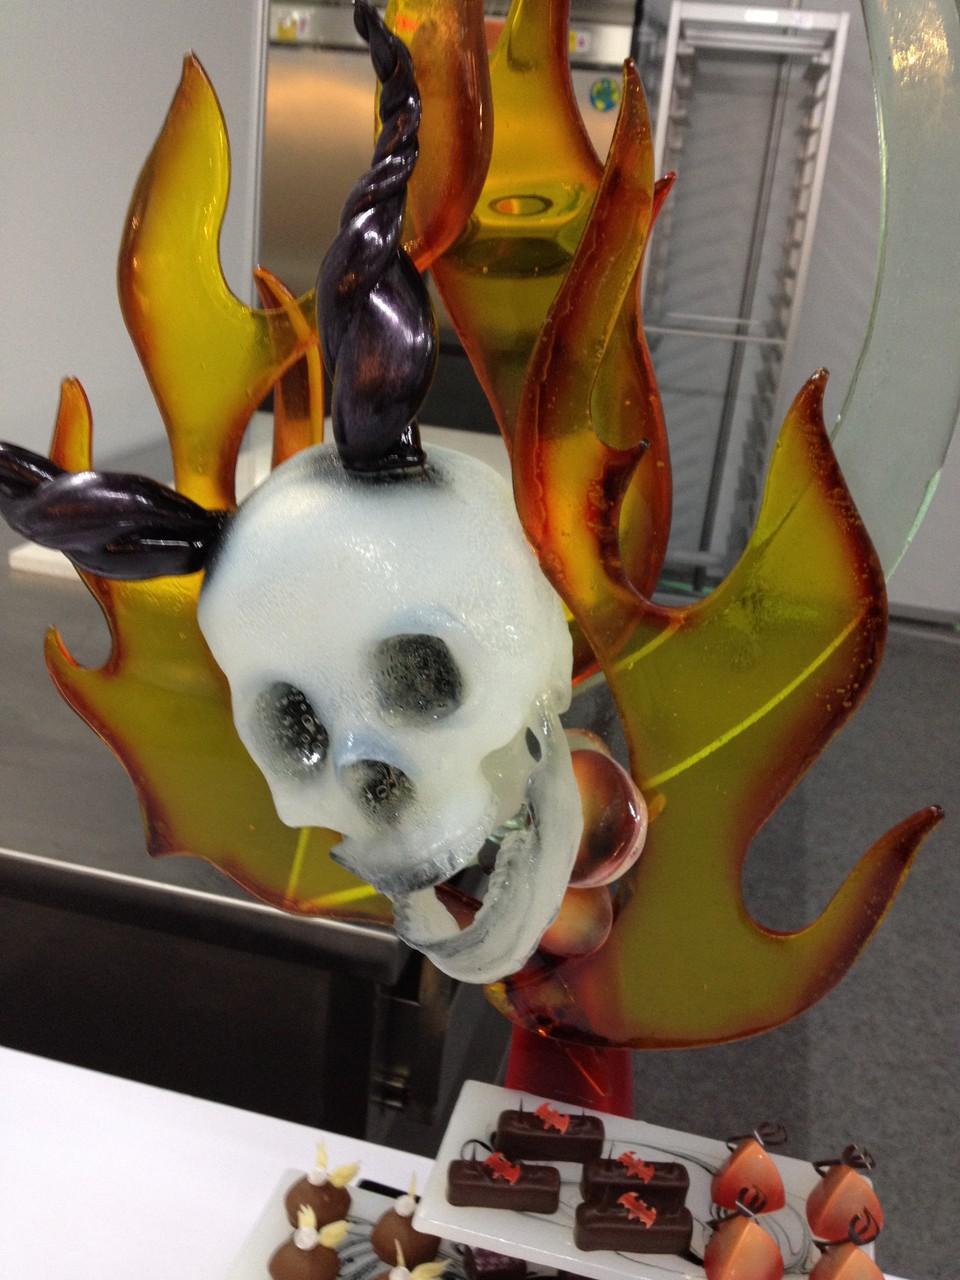 Detailansicht des Totenkopfes